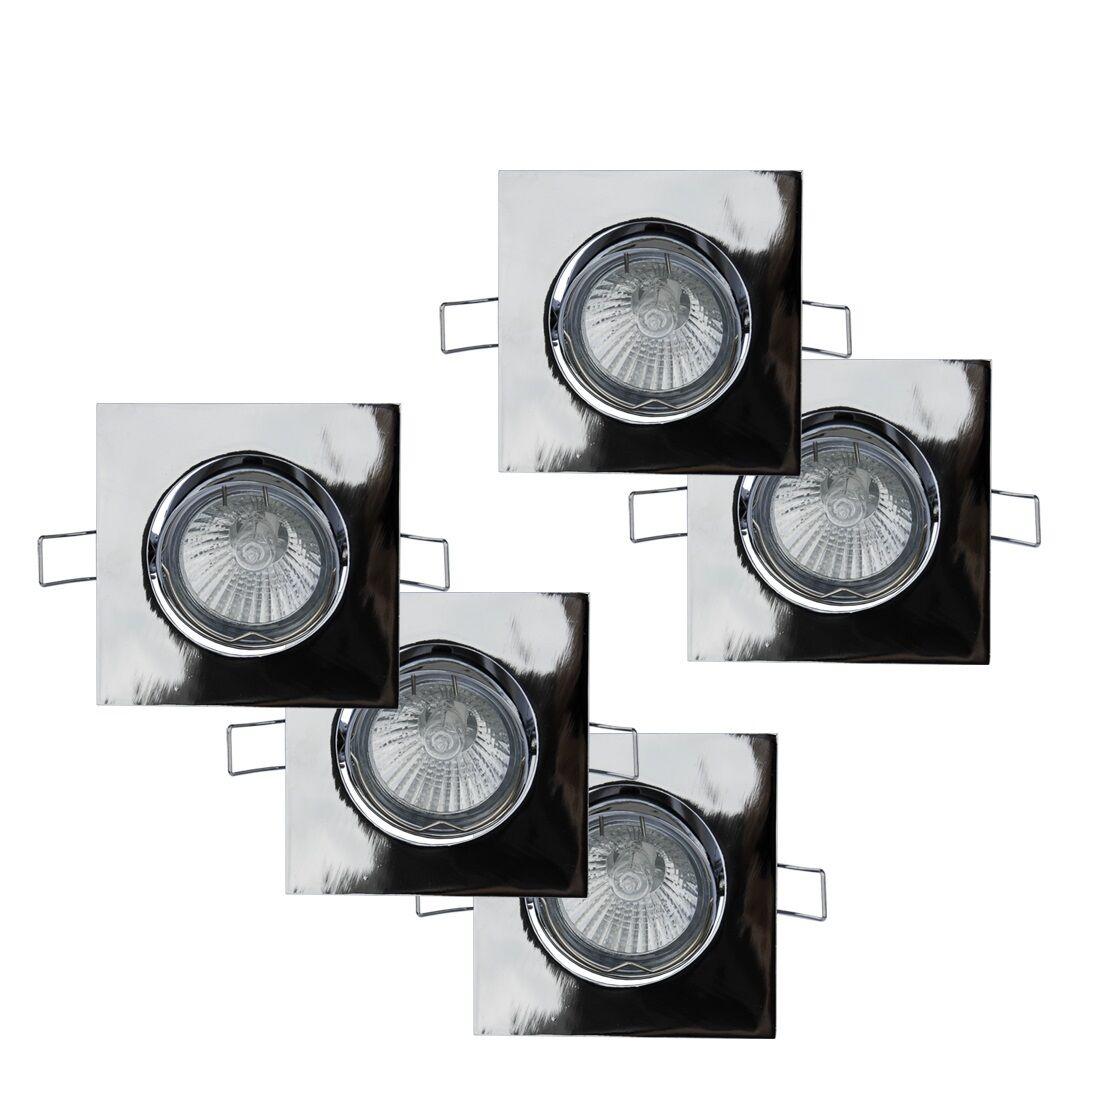 Einbaustrahler, schwenkbar, GU10, Metallgehäuse Chrom glänzend, 230V, Einbauspot       | Leicht zu reinigende Oberfläche  | Deutschland Shops  | Modern Und Elegant In Der Mode  0120bd